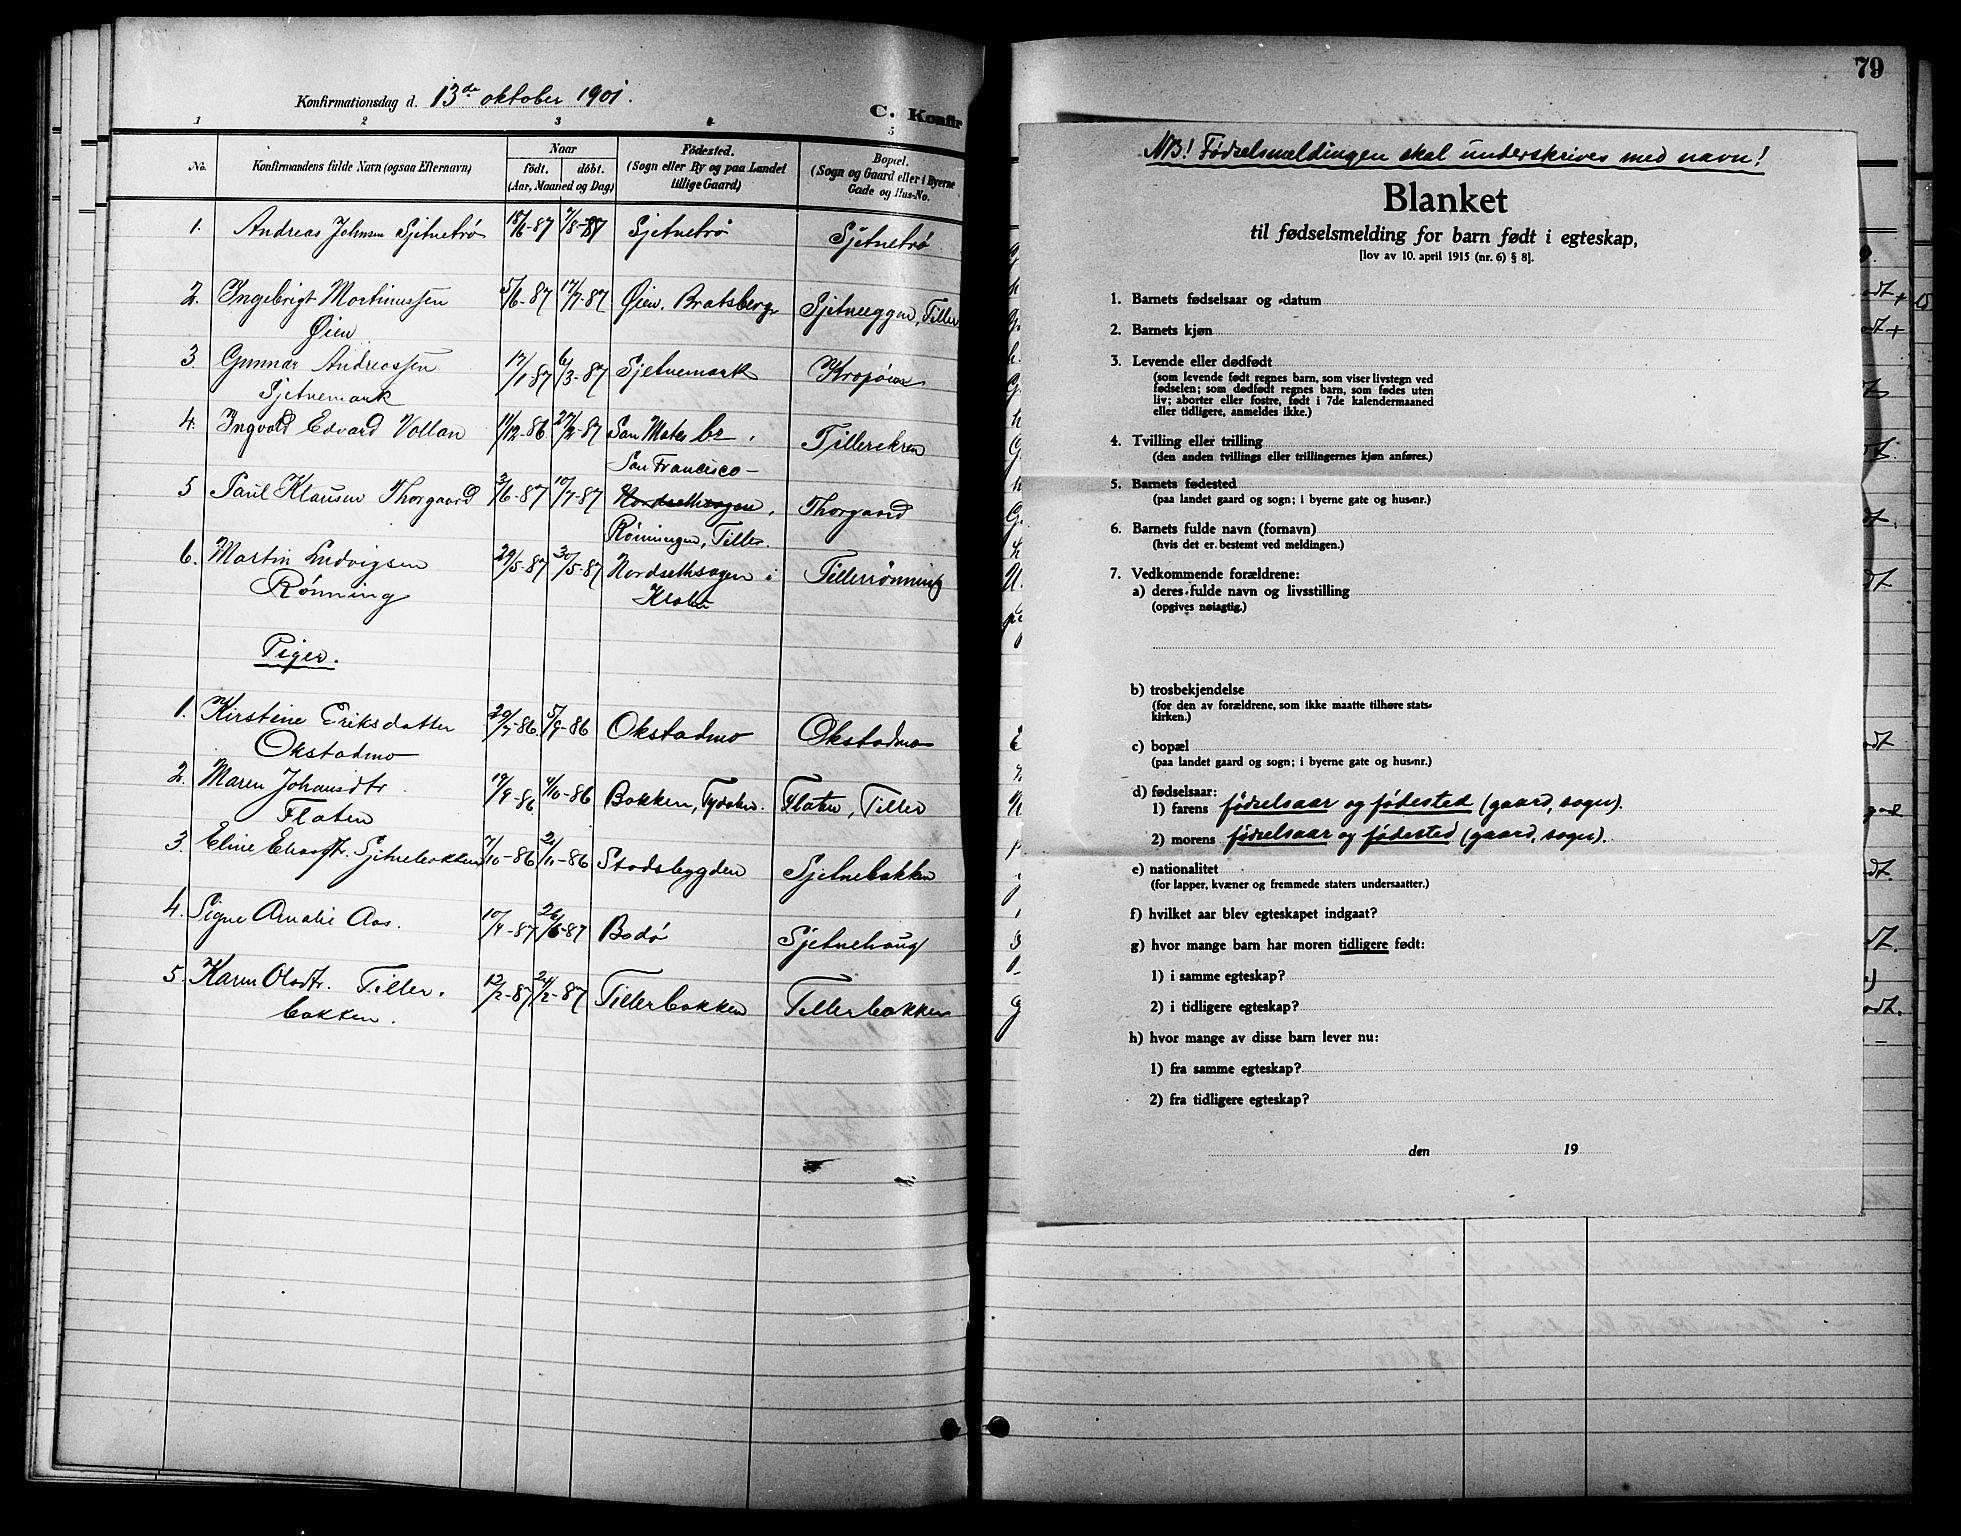 SAT, Ministerialprotokoller, klokkerbøker og fødselsregistre - Sør-Trøndelag, 621/L0460: Klokkerbok nr. 621C03, 1896-1914, s. 79